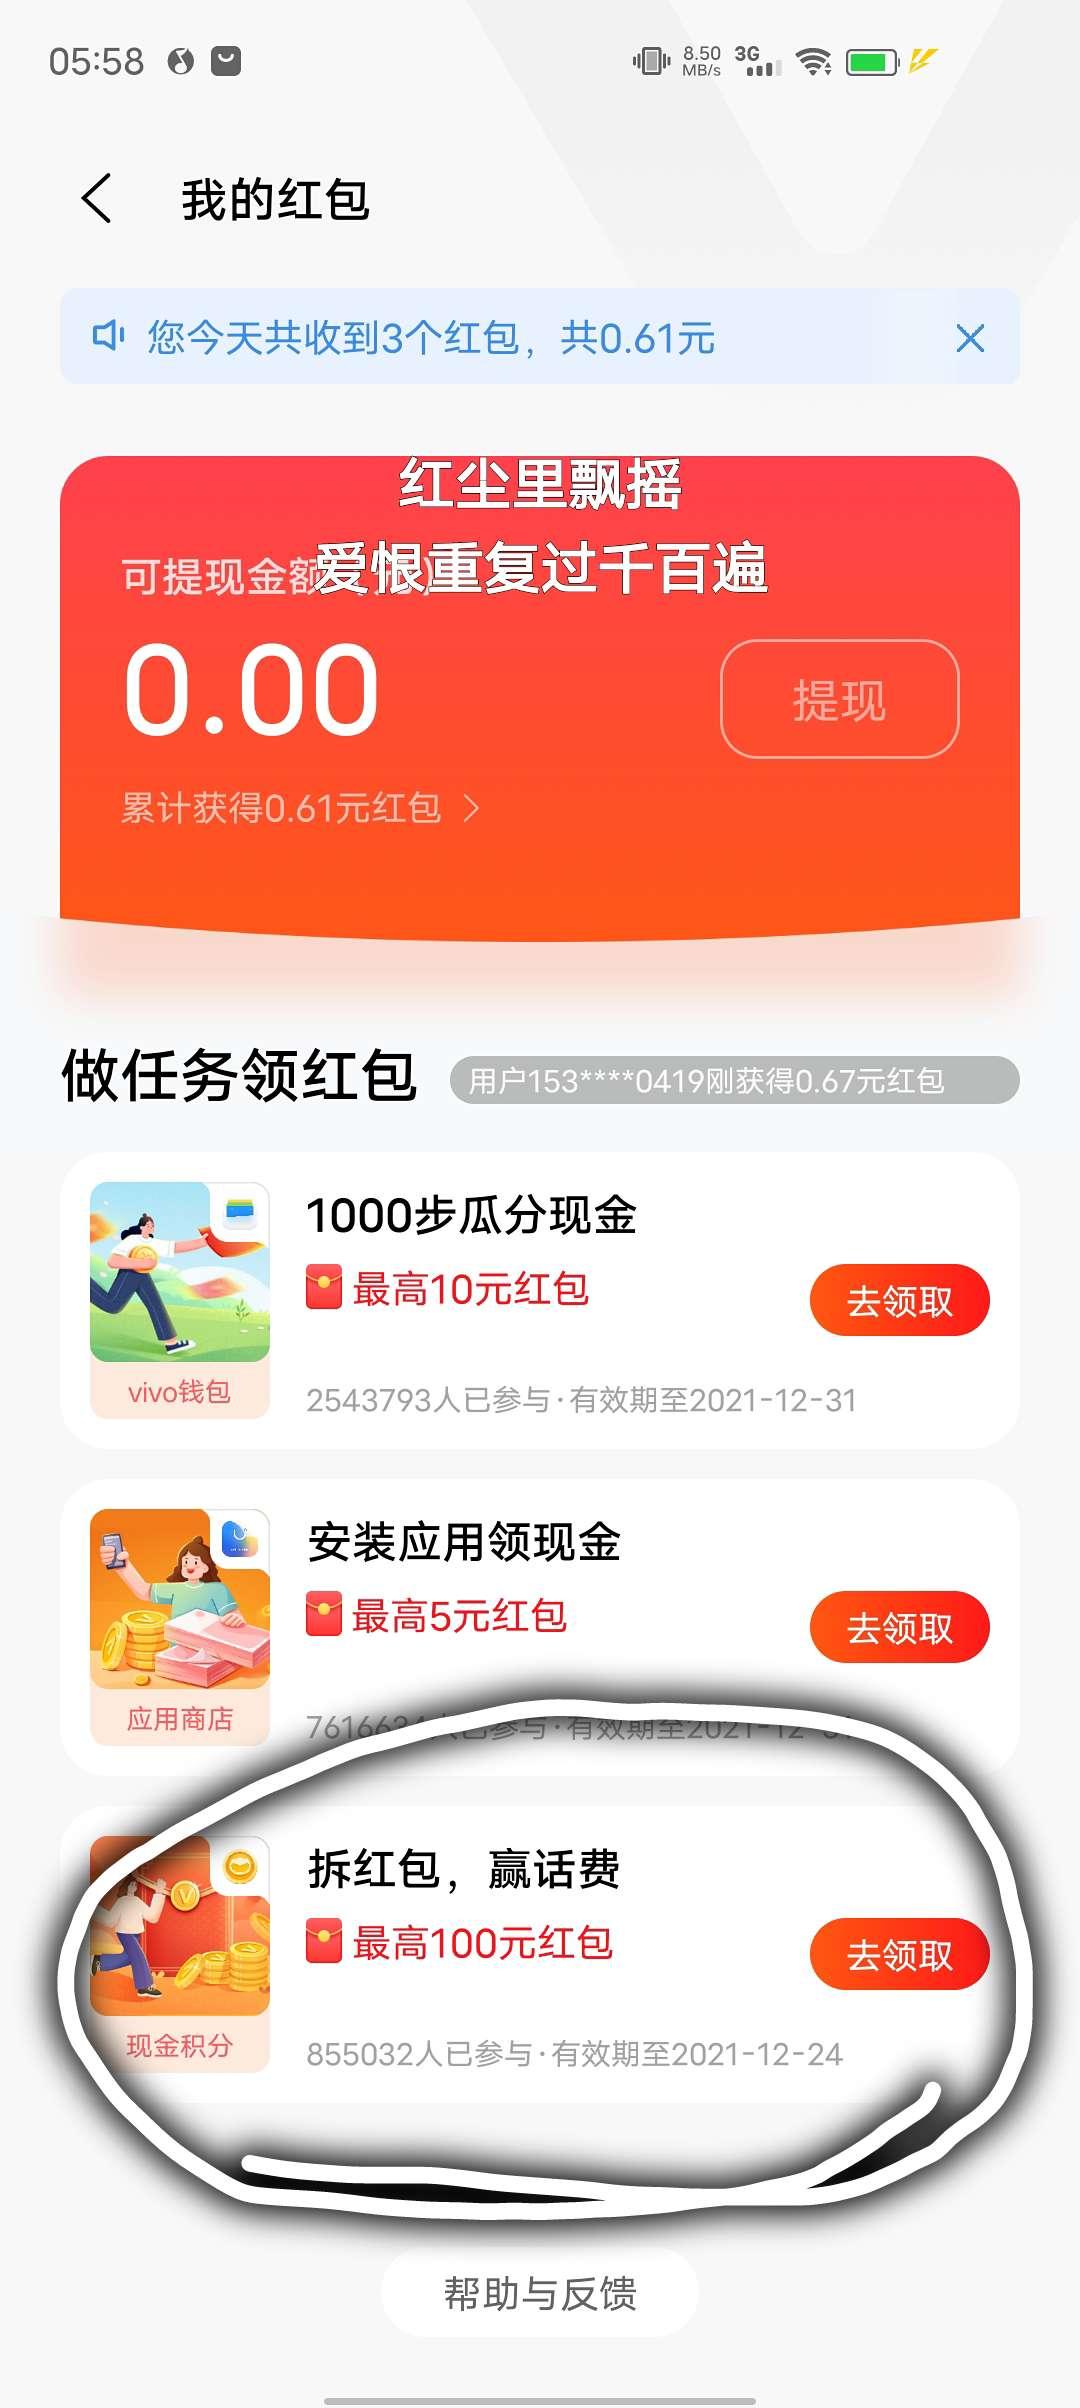 【提现红包现金】vivo手机用户应用商店活动下载应用领取现金插图2